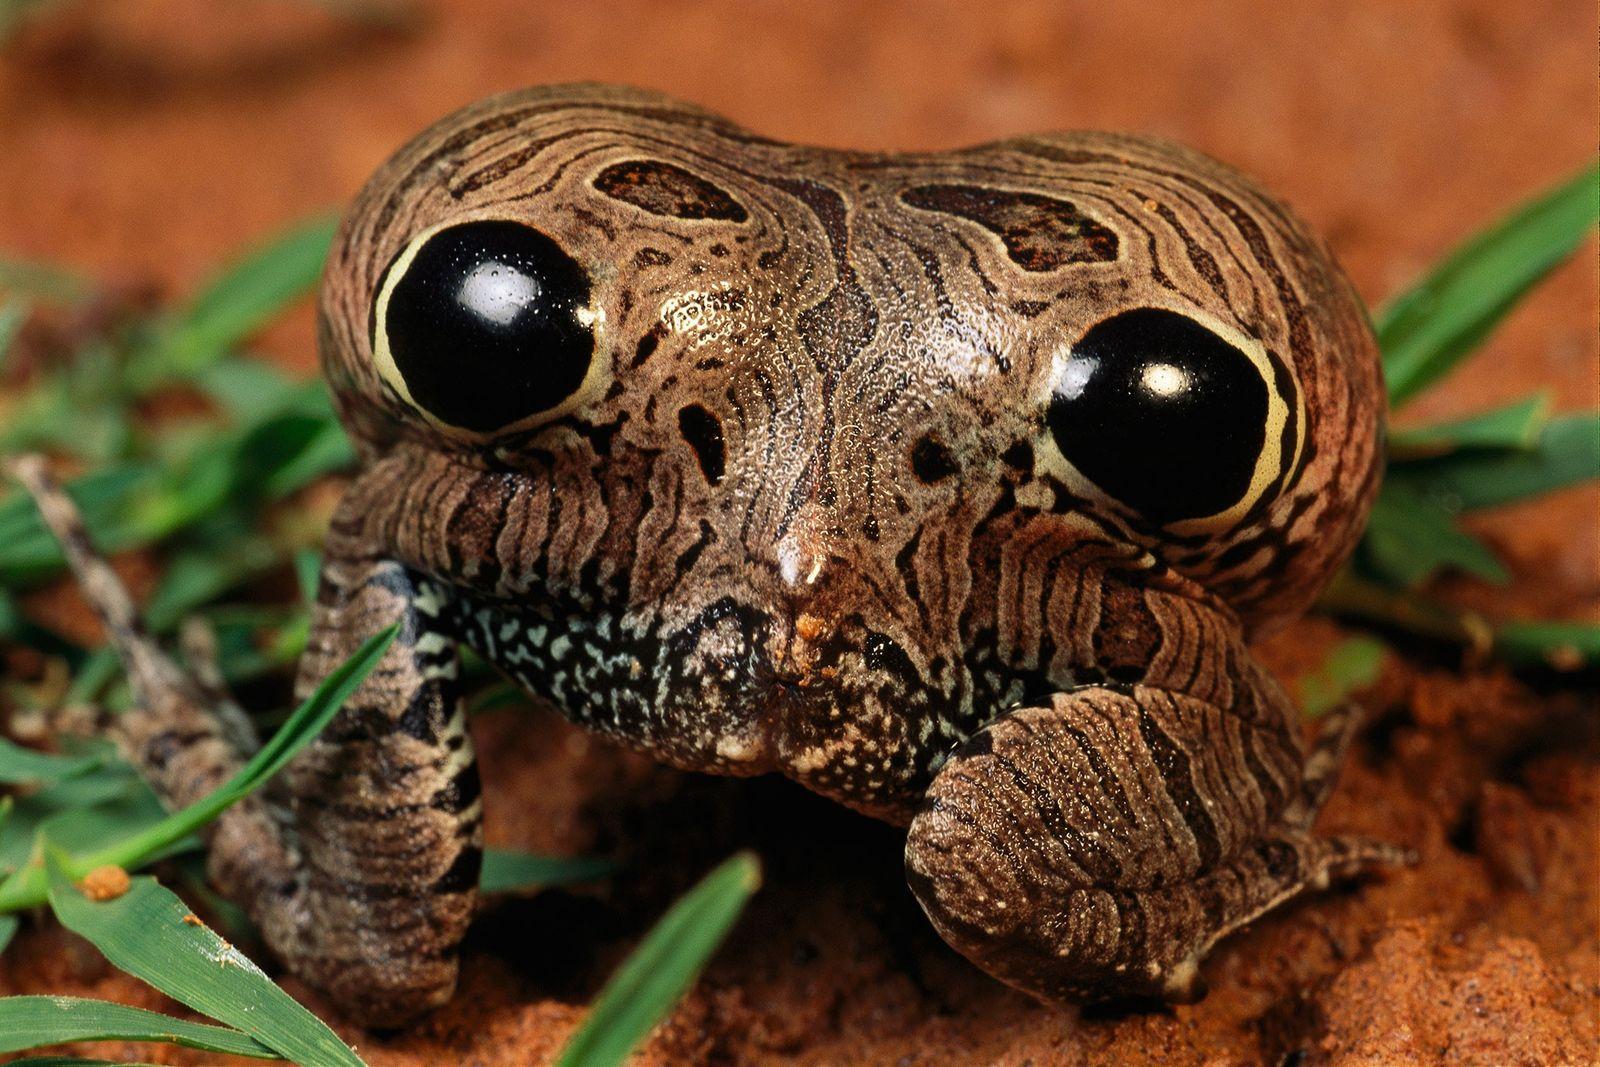 Le postérieur de cette grenouille est vénéneux... et gonflable